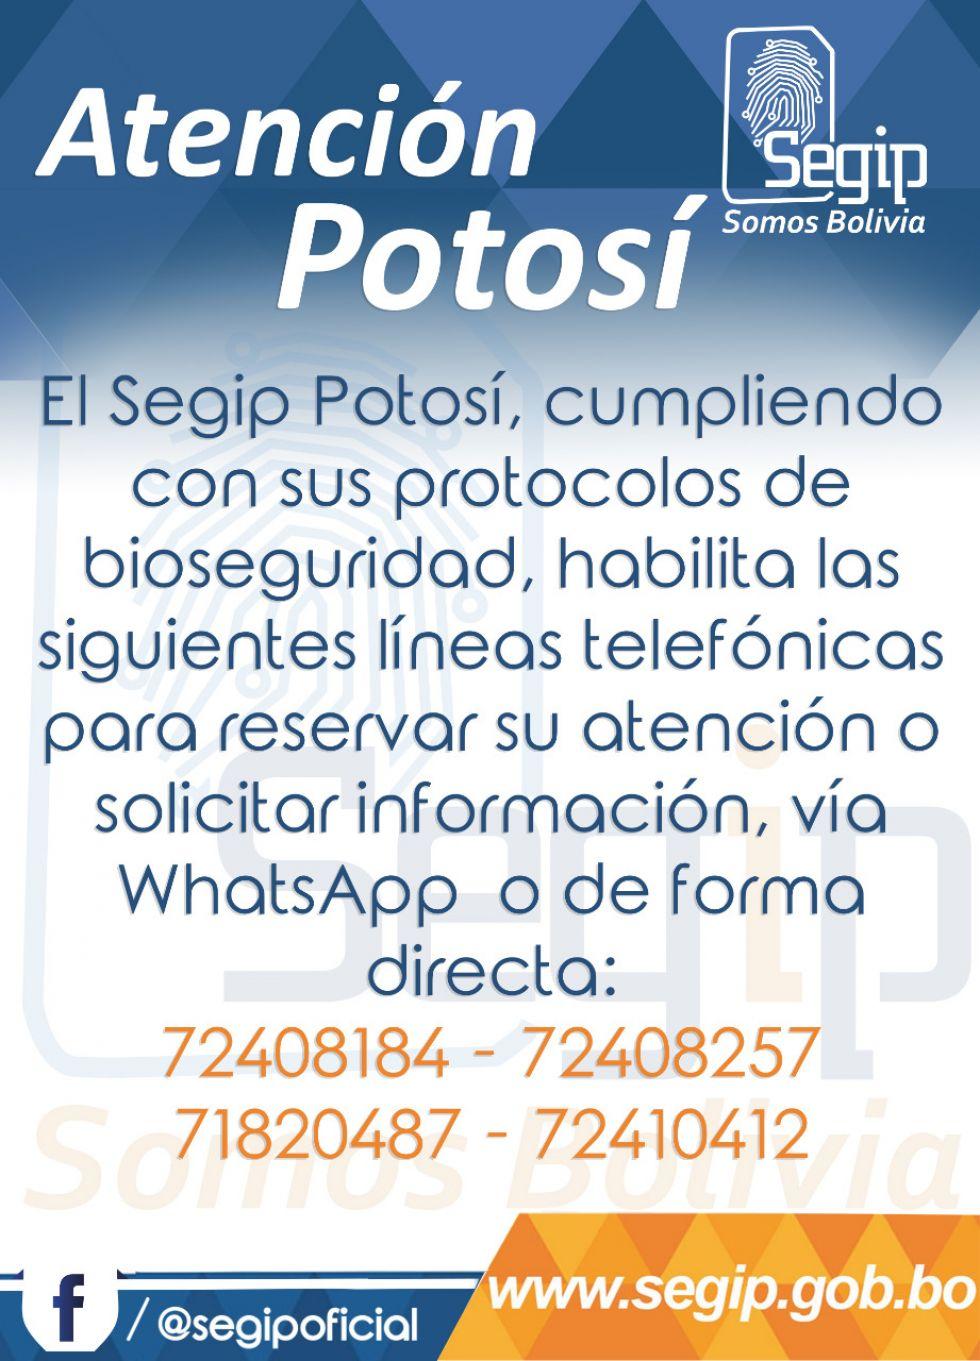 Horarios y modalidad de atención del Segip Potosí